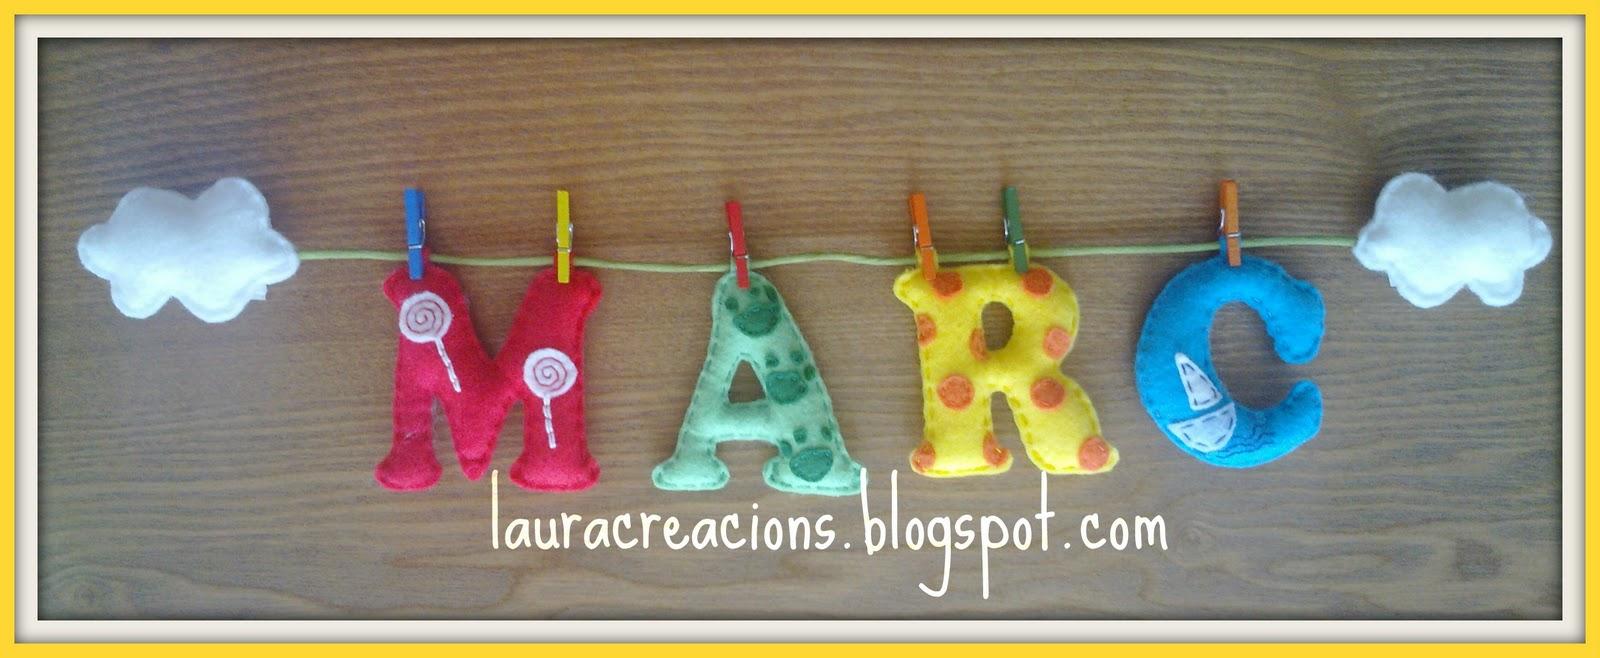 Laura creacions nombres en fieltro aitor alma carla - Habitacion rosa palo ...